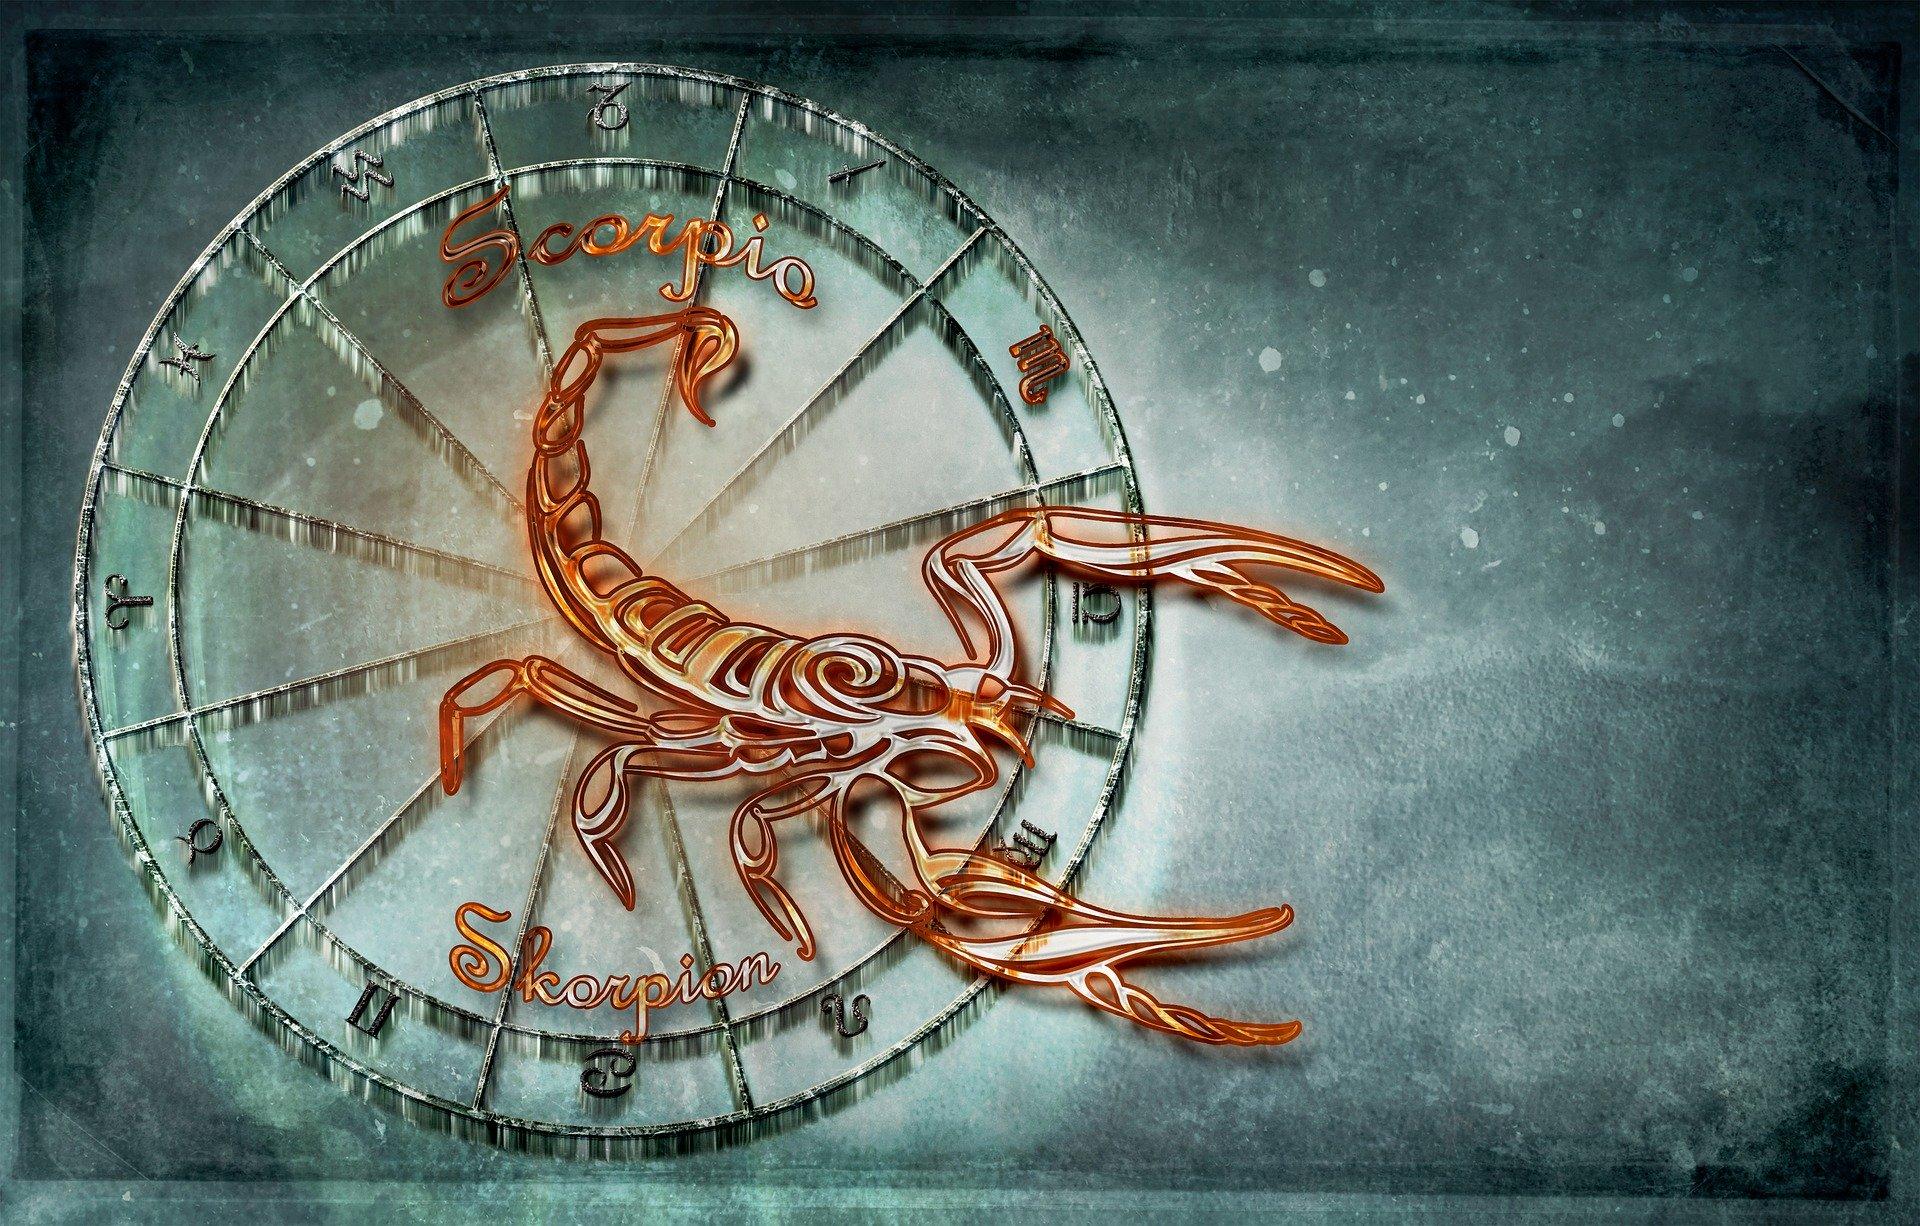 Scorpion zodia